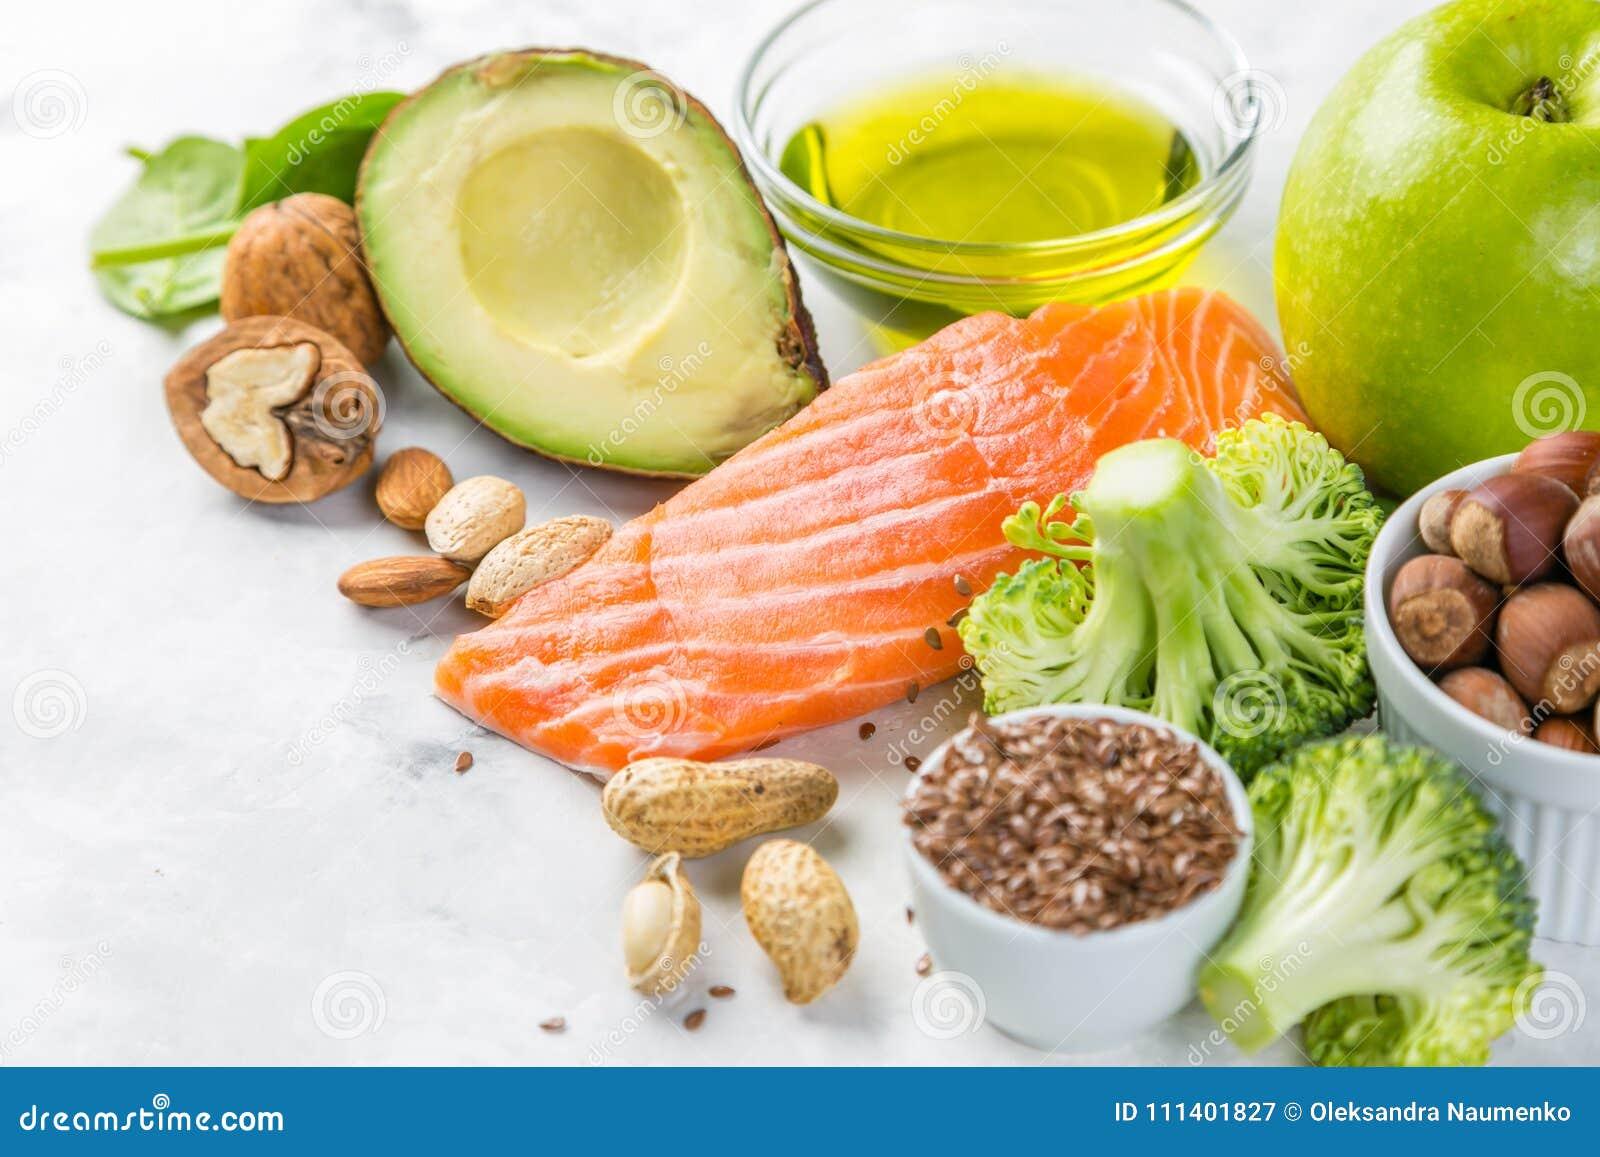 Selectie van gezonde voedselbronnen - gezond het eten concept Ketogenic dieetconcept